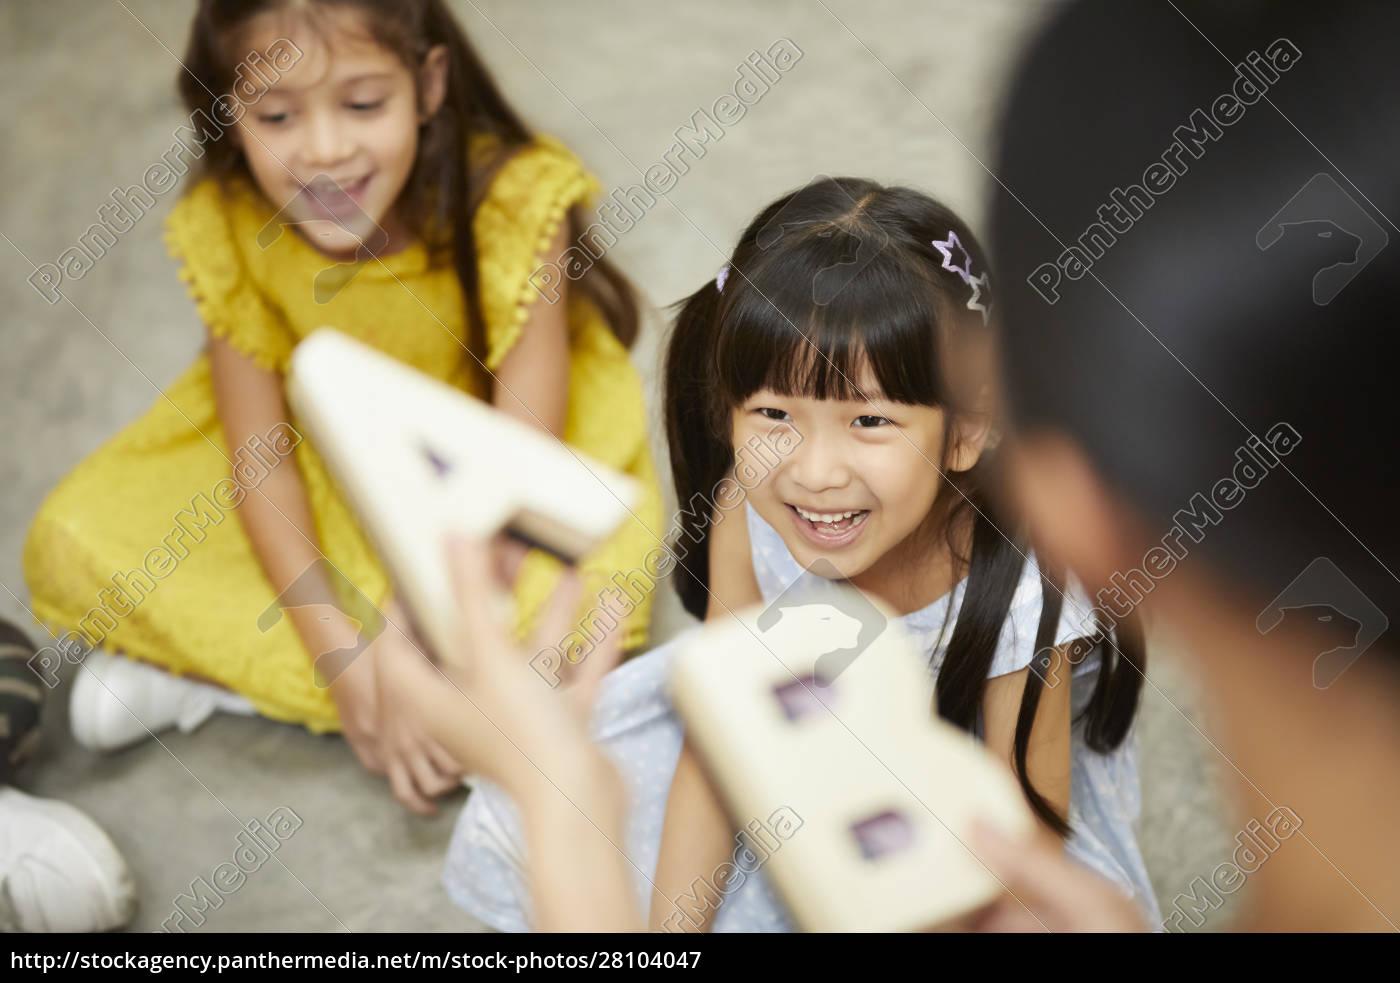 scuola, della, scuola - 28104047